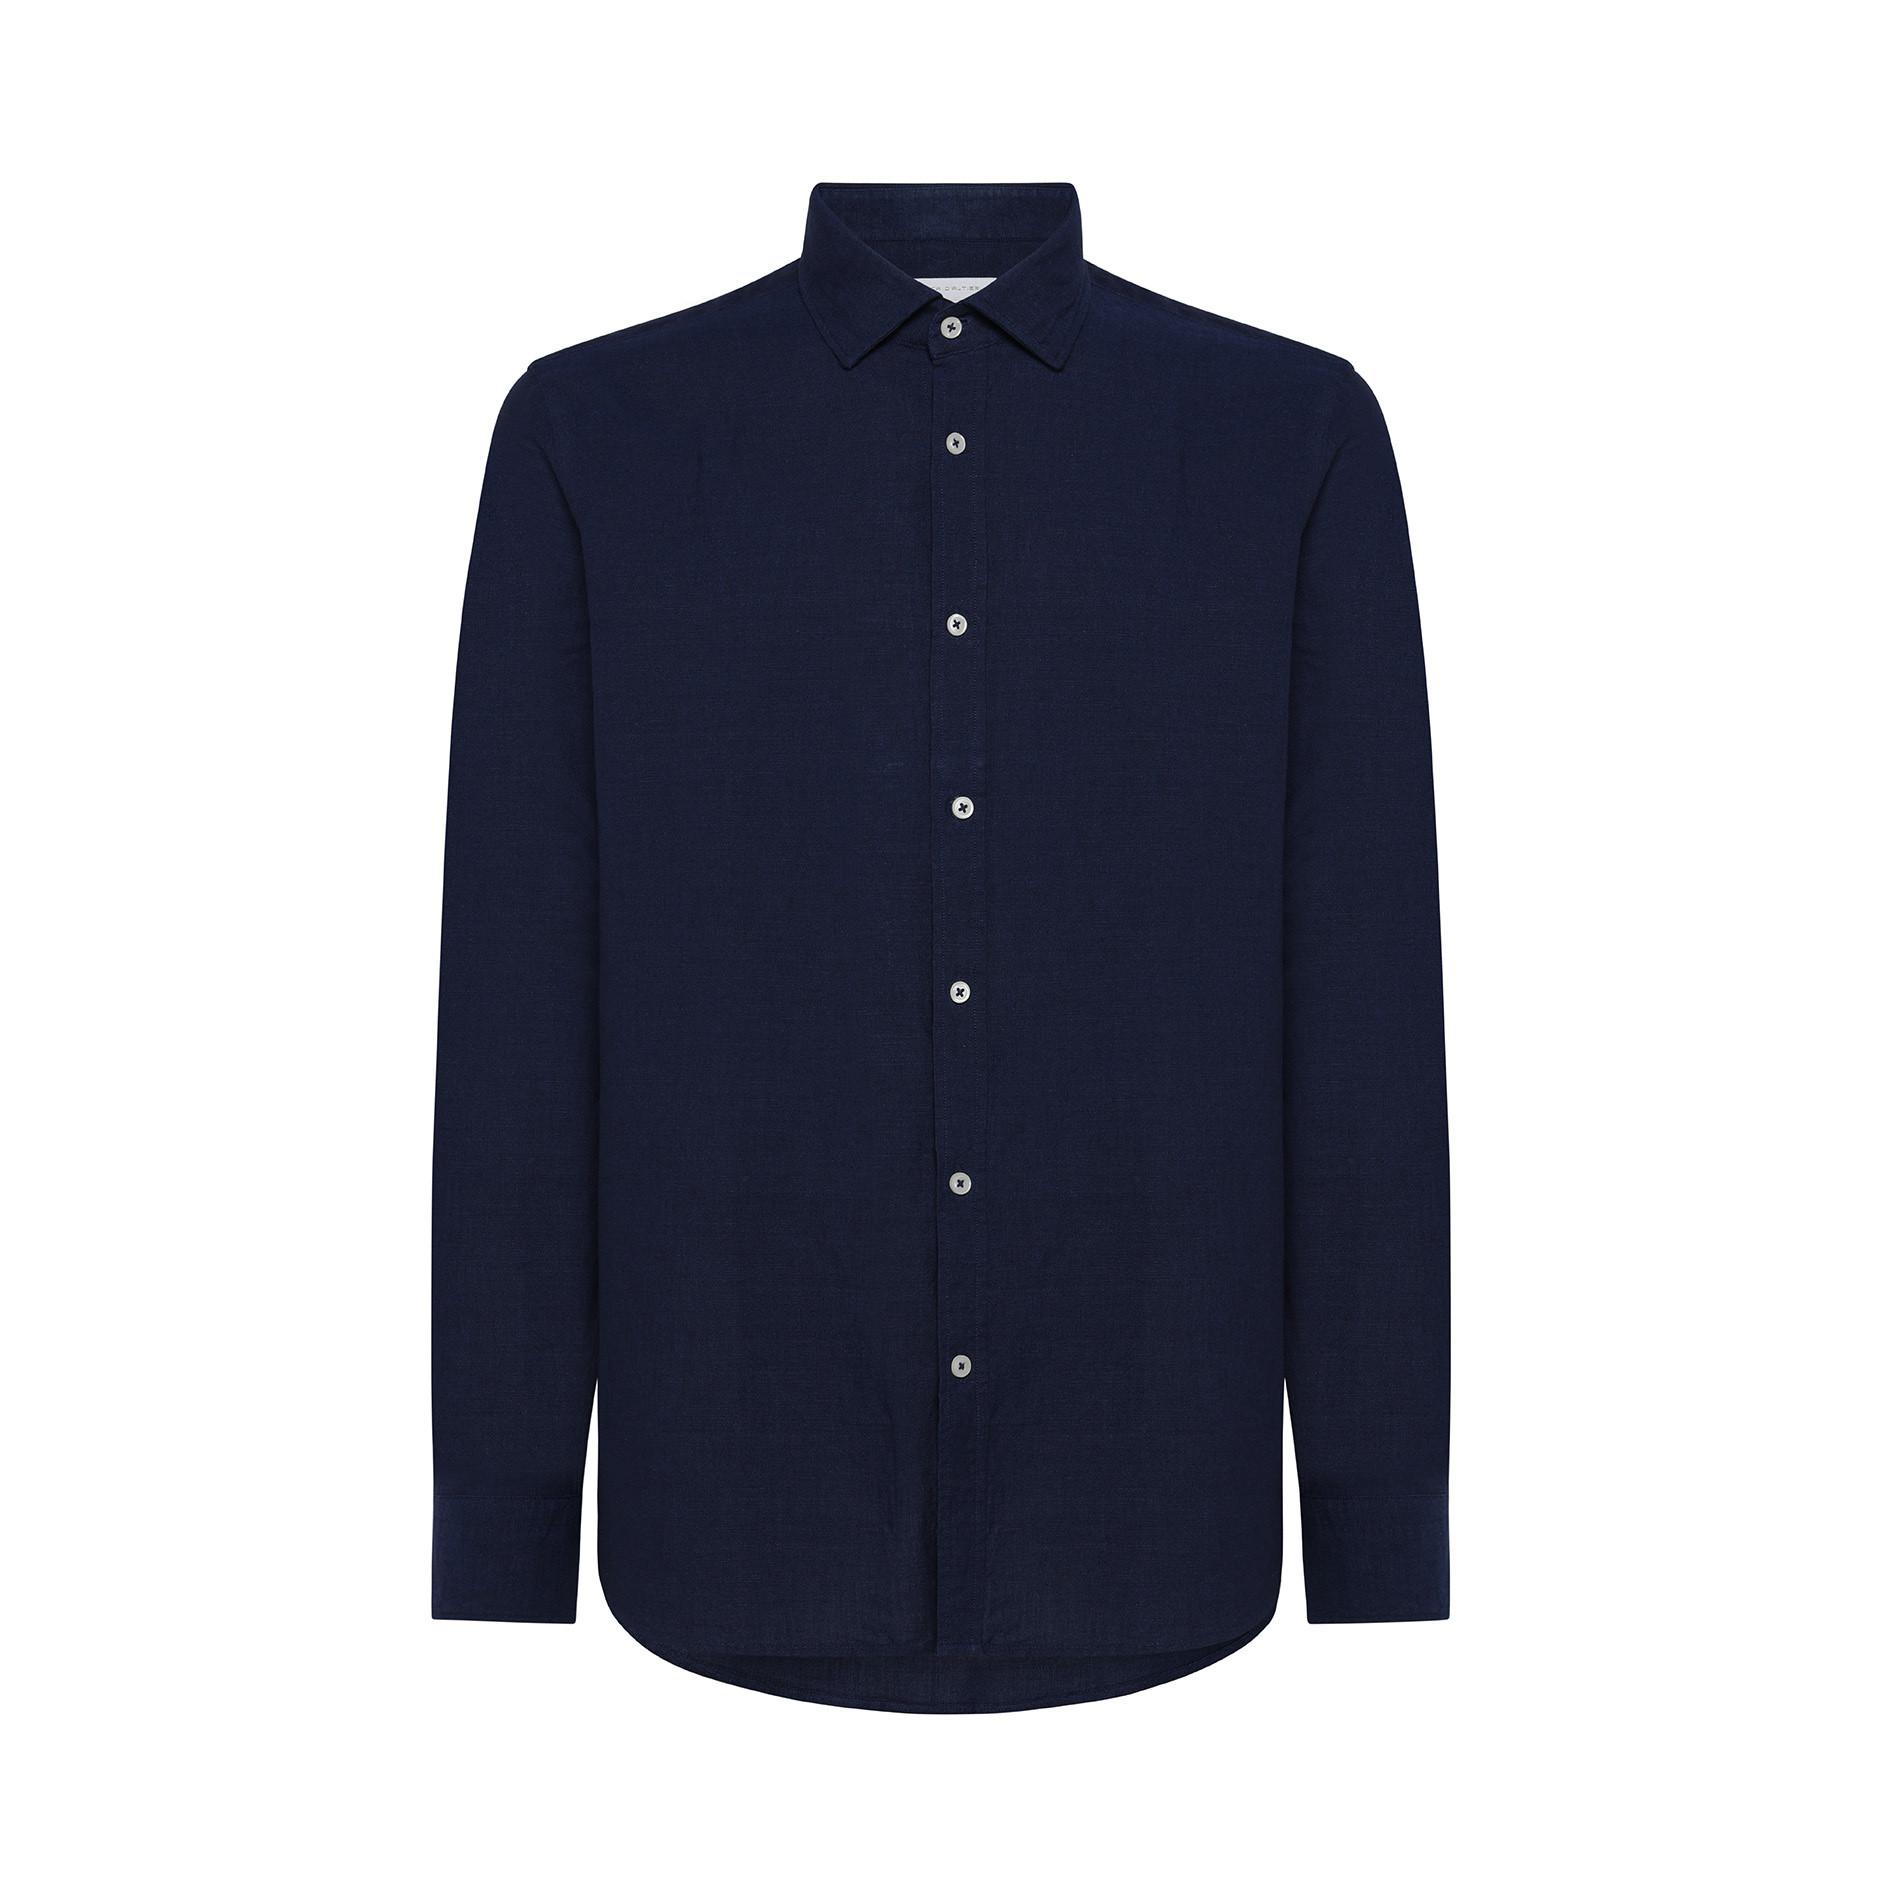 Camicia misto lino e cotone Luca D'Altieri, Blu scuro, large image number 0